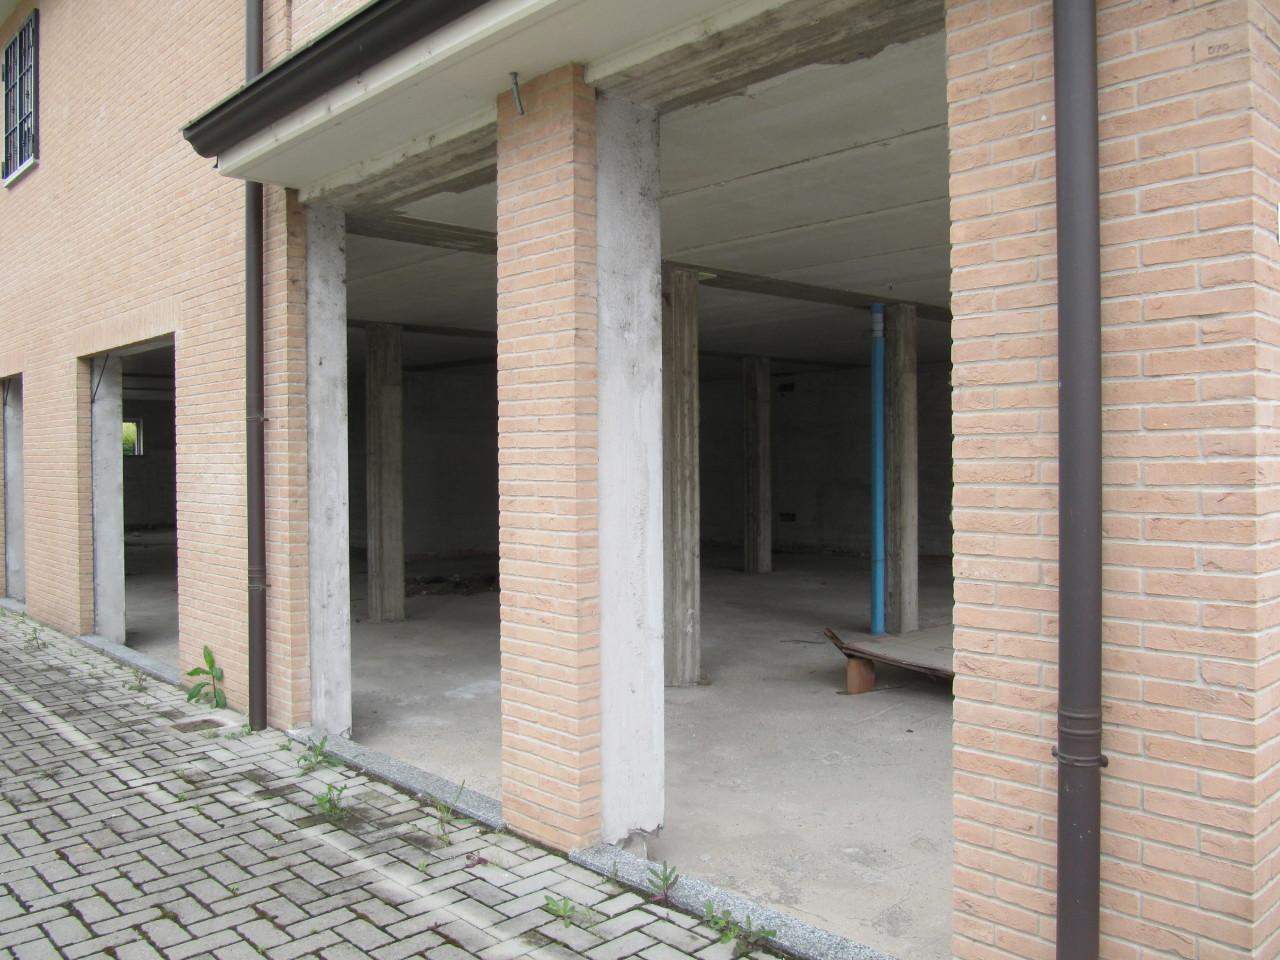 Locale commerciale - Oltre 3 vetrine a Parma Frazioni - Delegazioni, Parma